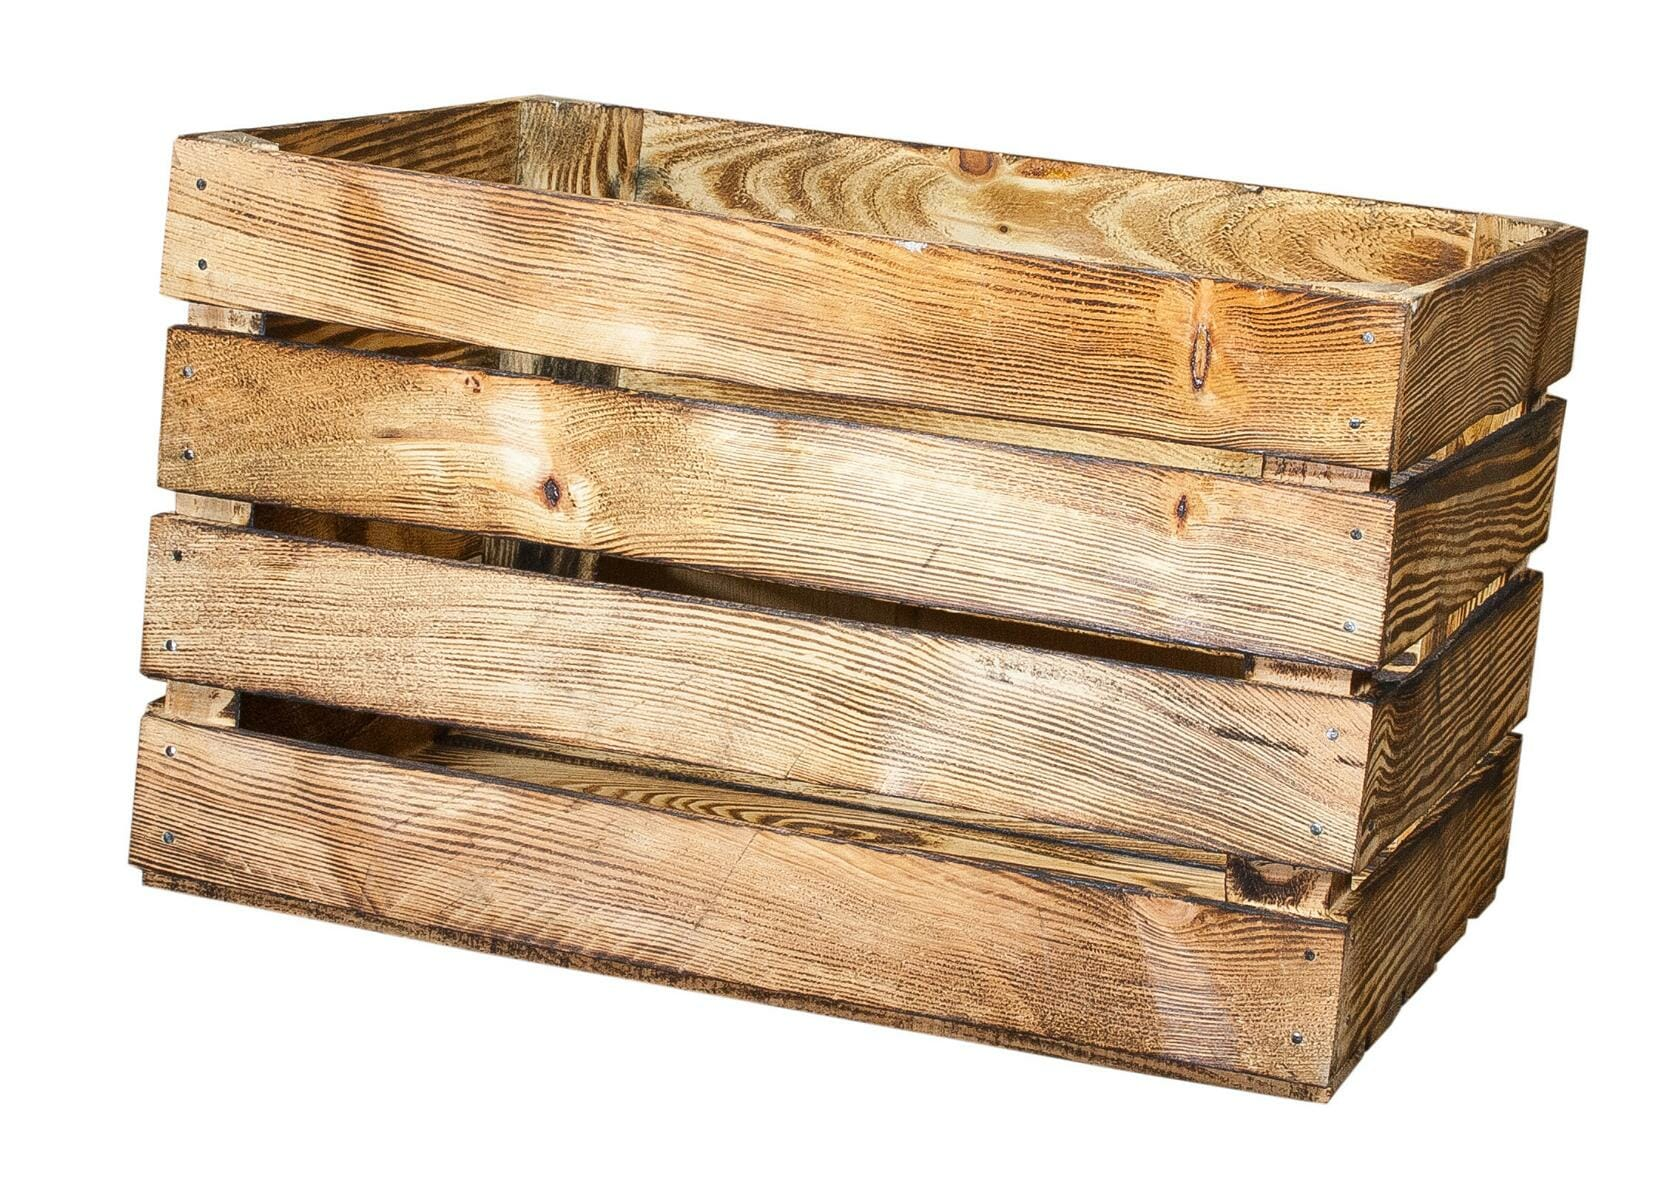 geflammte obstkiste apfelkiste 50x40x30 cm holzkisten shop. Black Bedroom Furniture Sets. Home Design Ideas